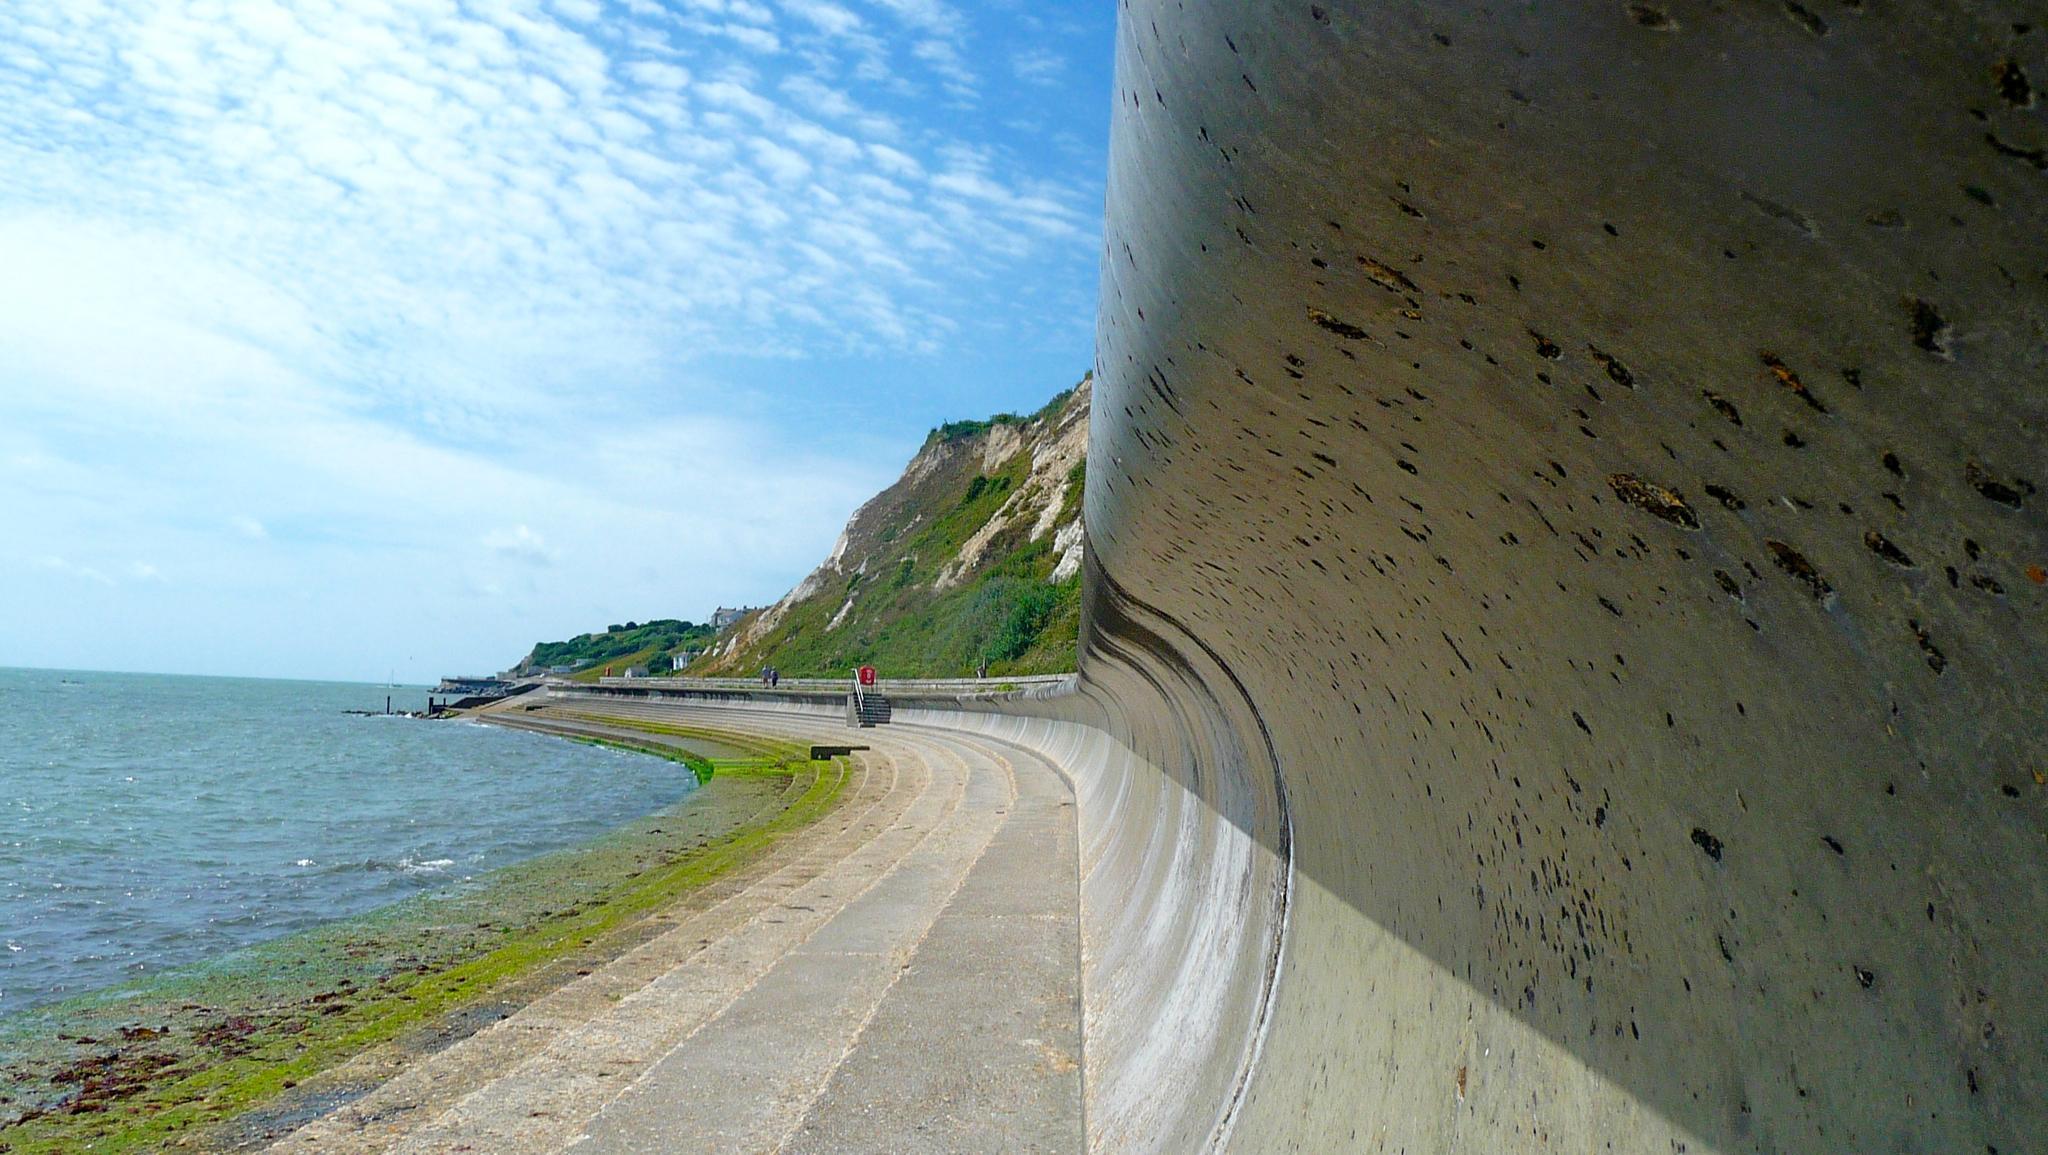 Sea Wall by Thmsctt69